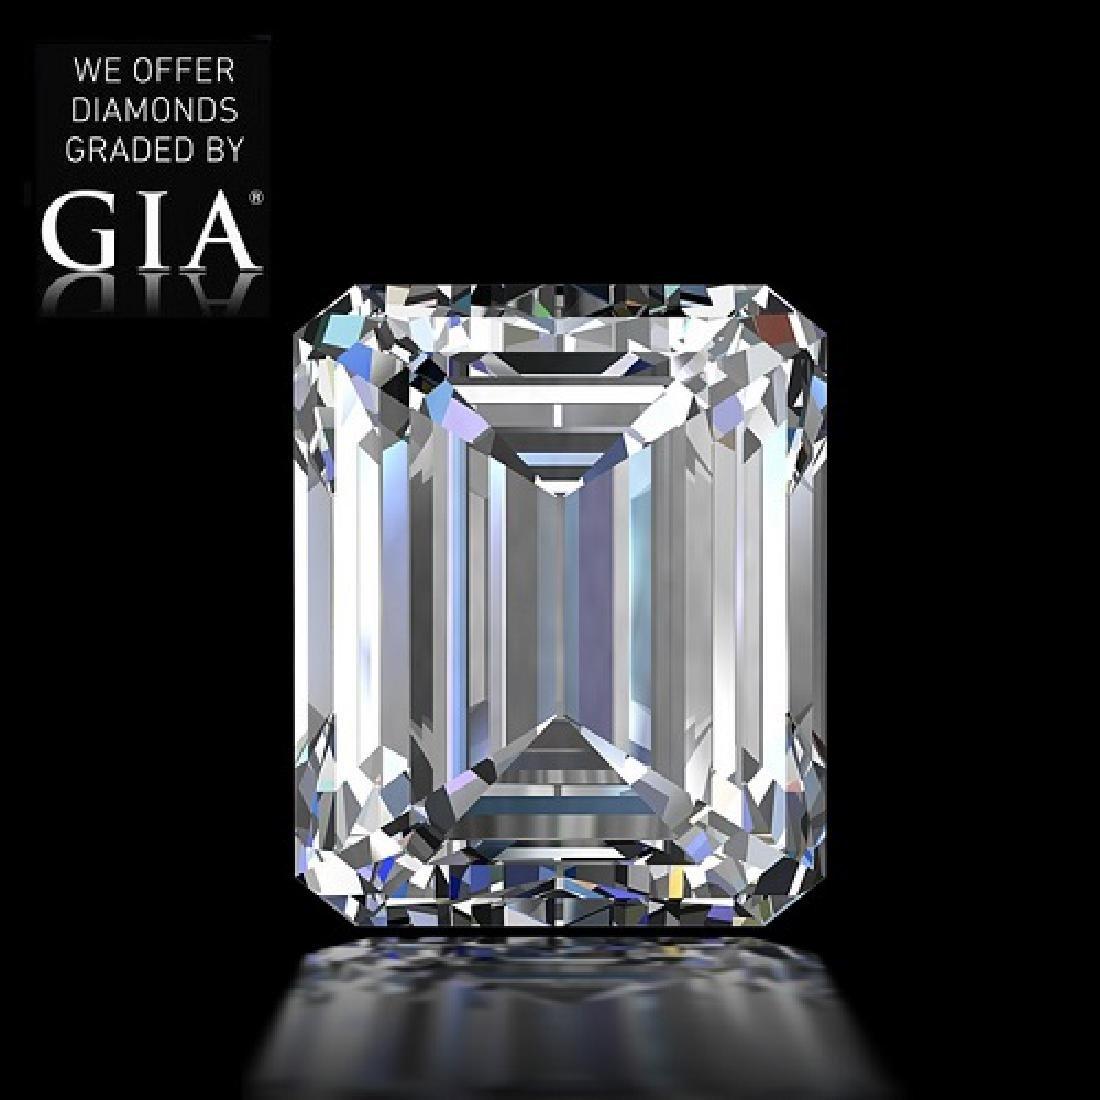 5.02 ct, Color E/VS2, Emerald cut Diamond